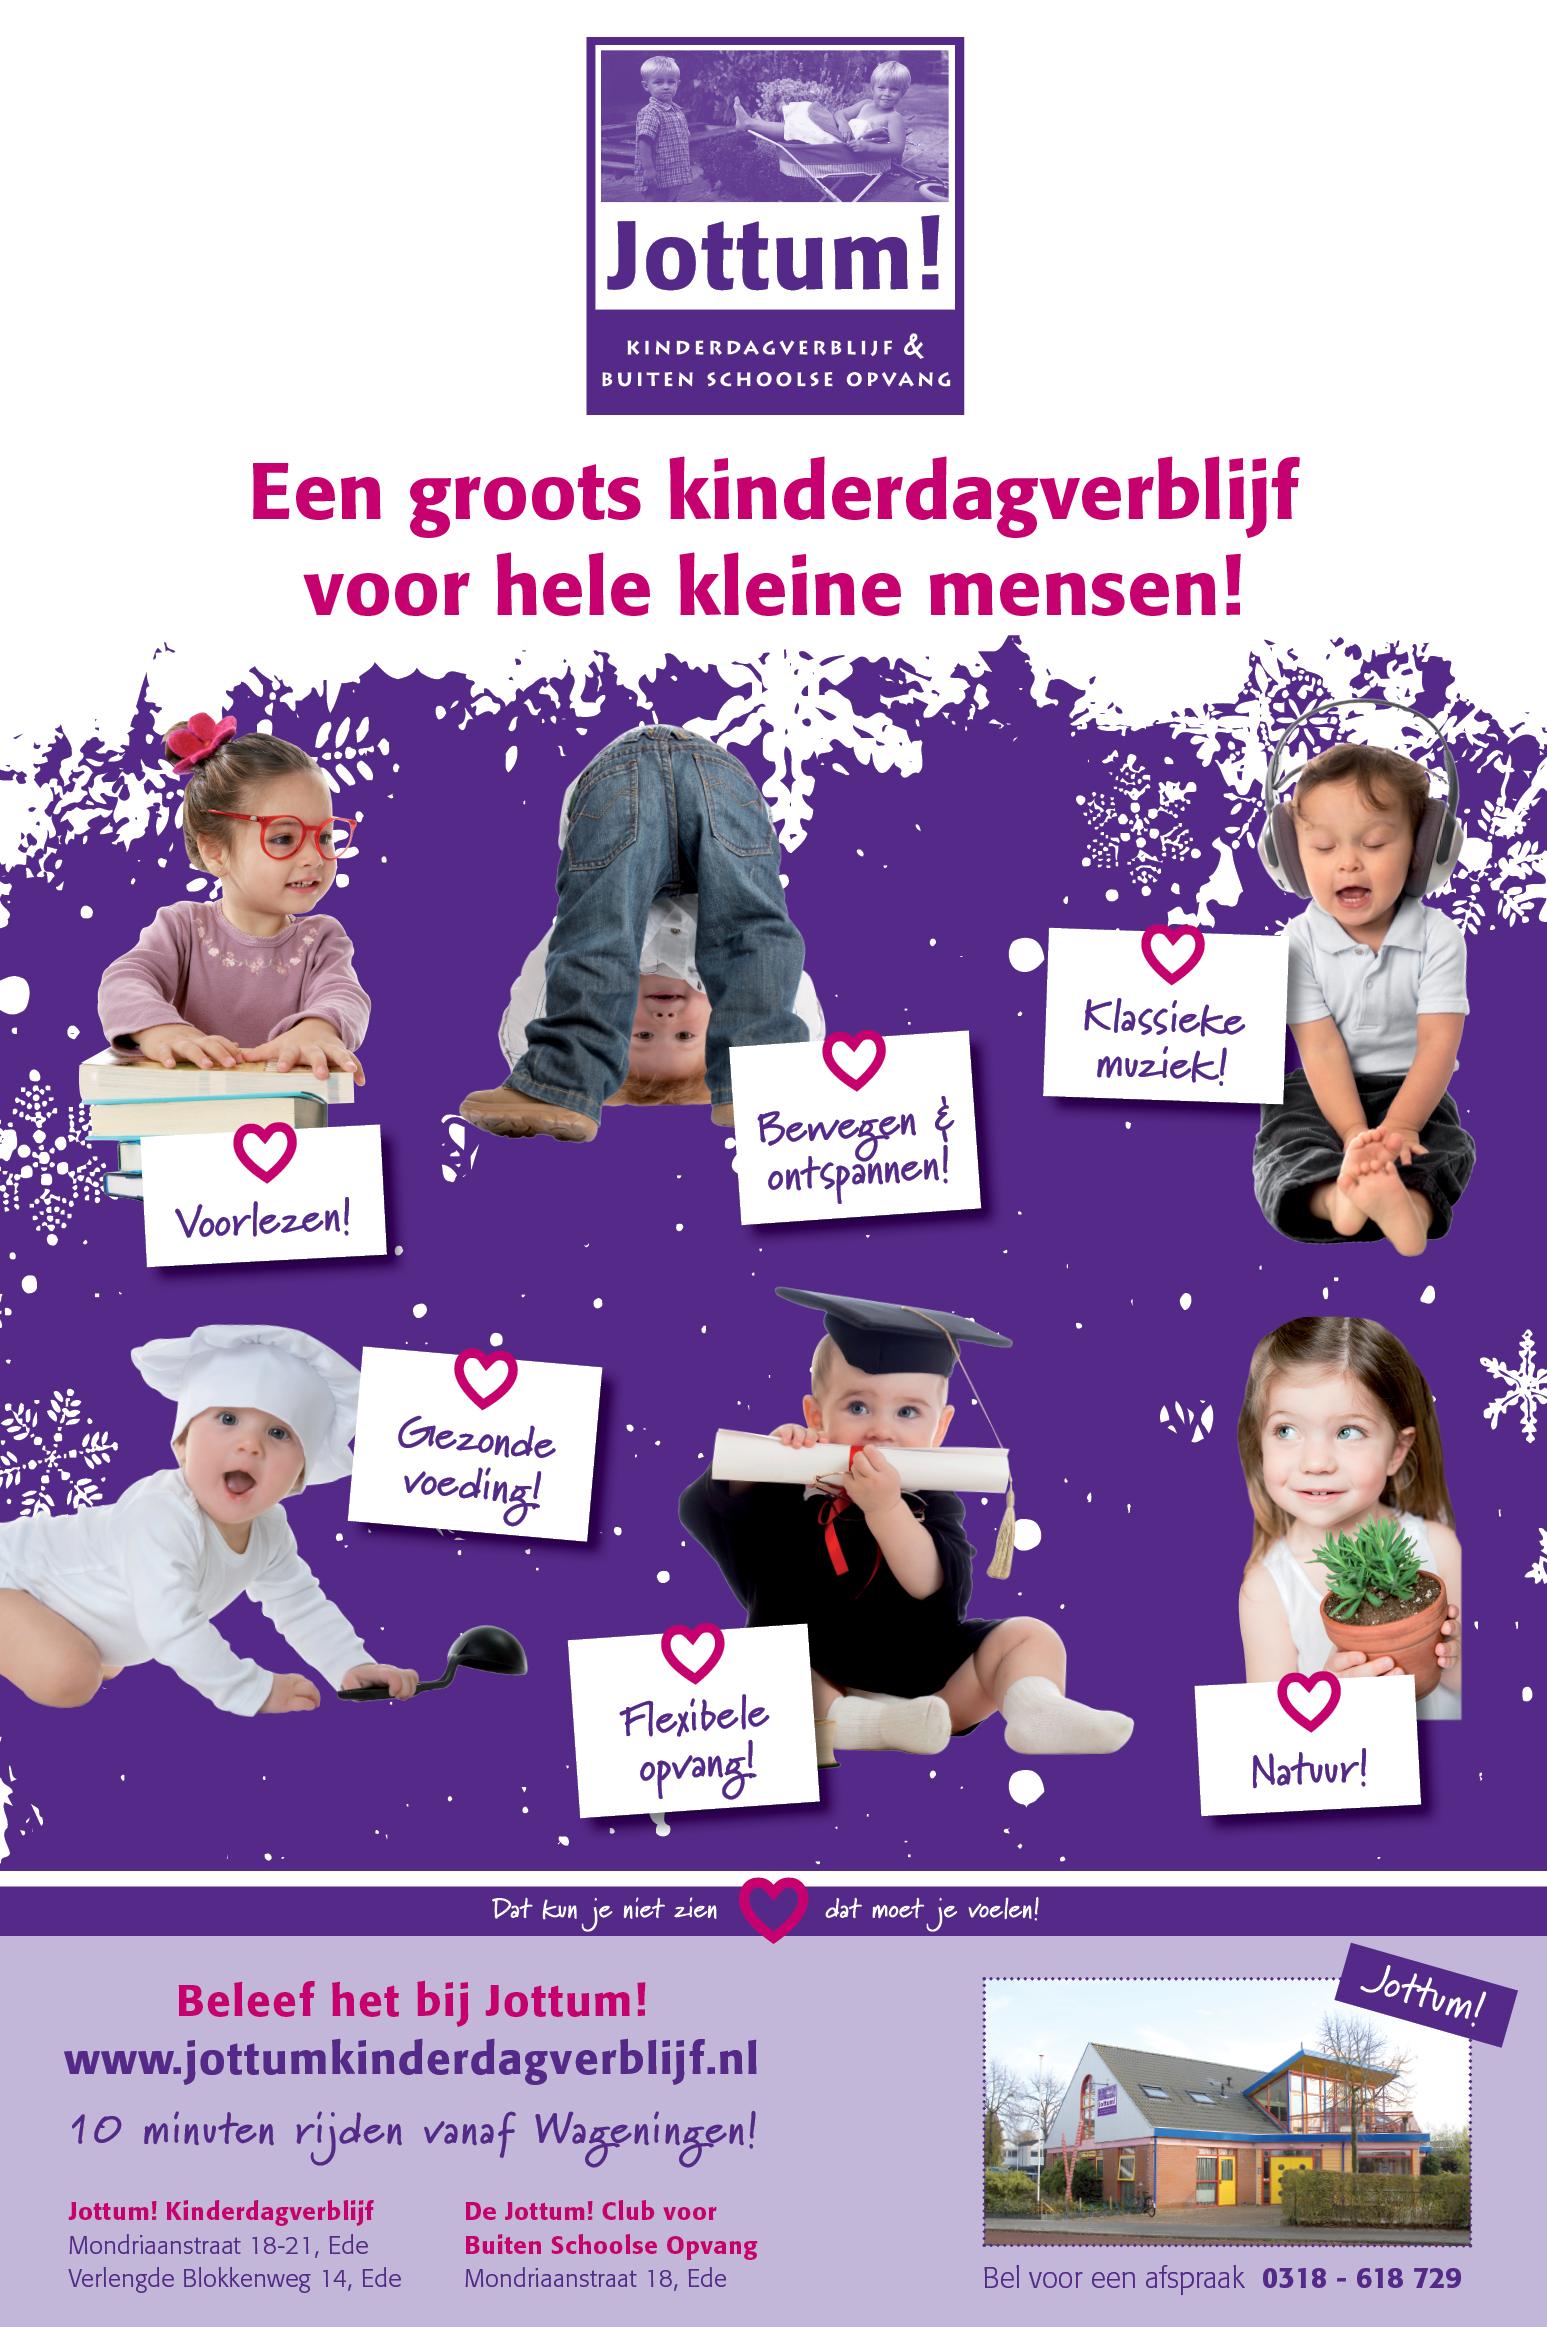 Jottum advertentie Wageningen Hoog en Laag 23 januari 2013